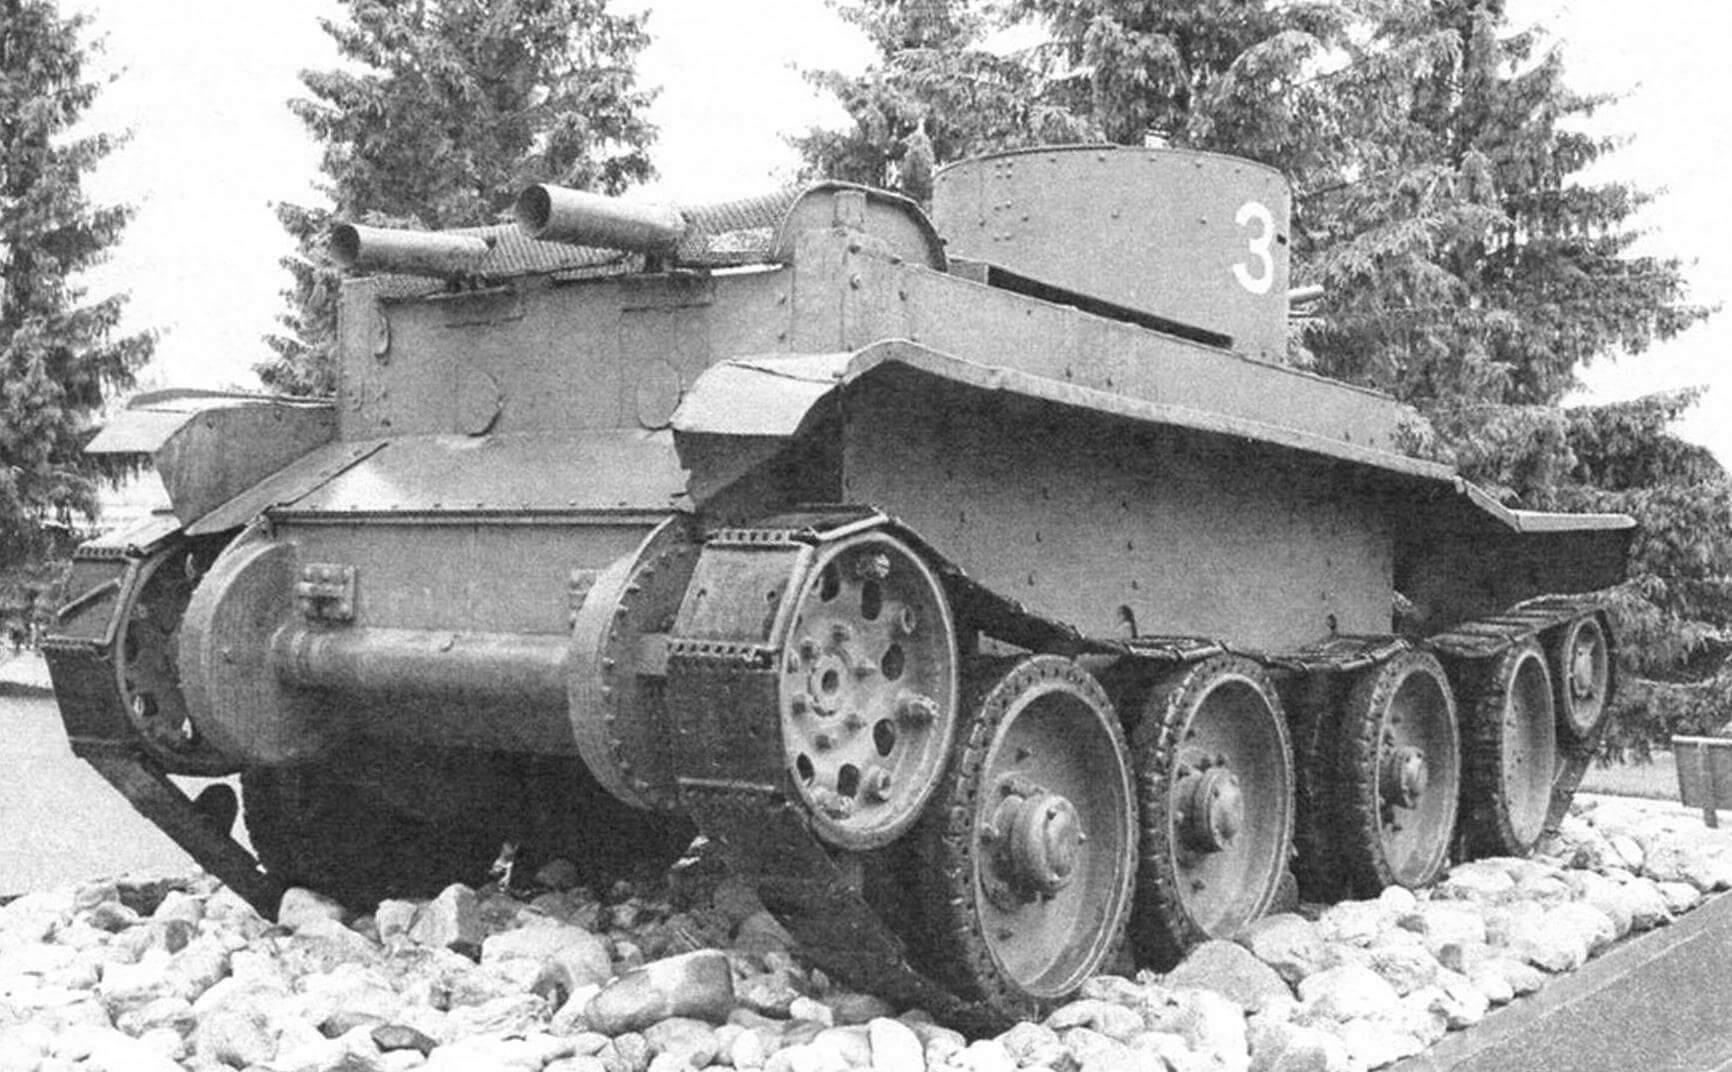 Танк БТ-2 из коллекции Центрального музея бронетанкового вооружения и техники в Кубинке